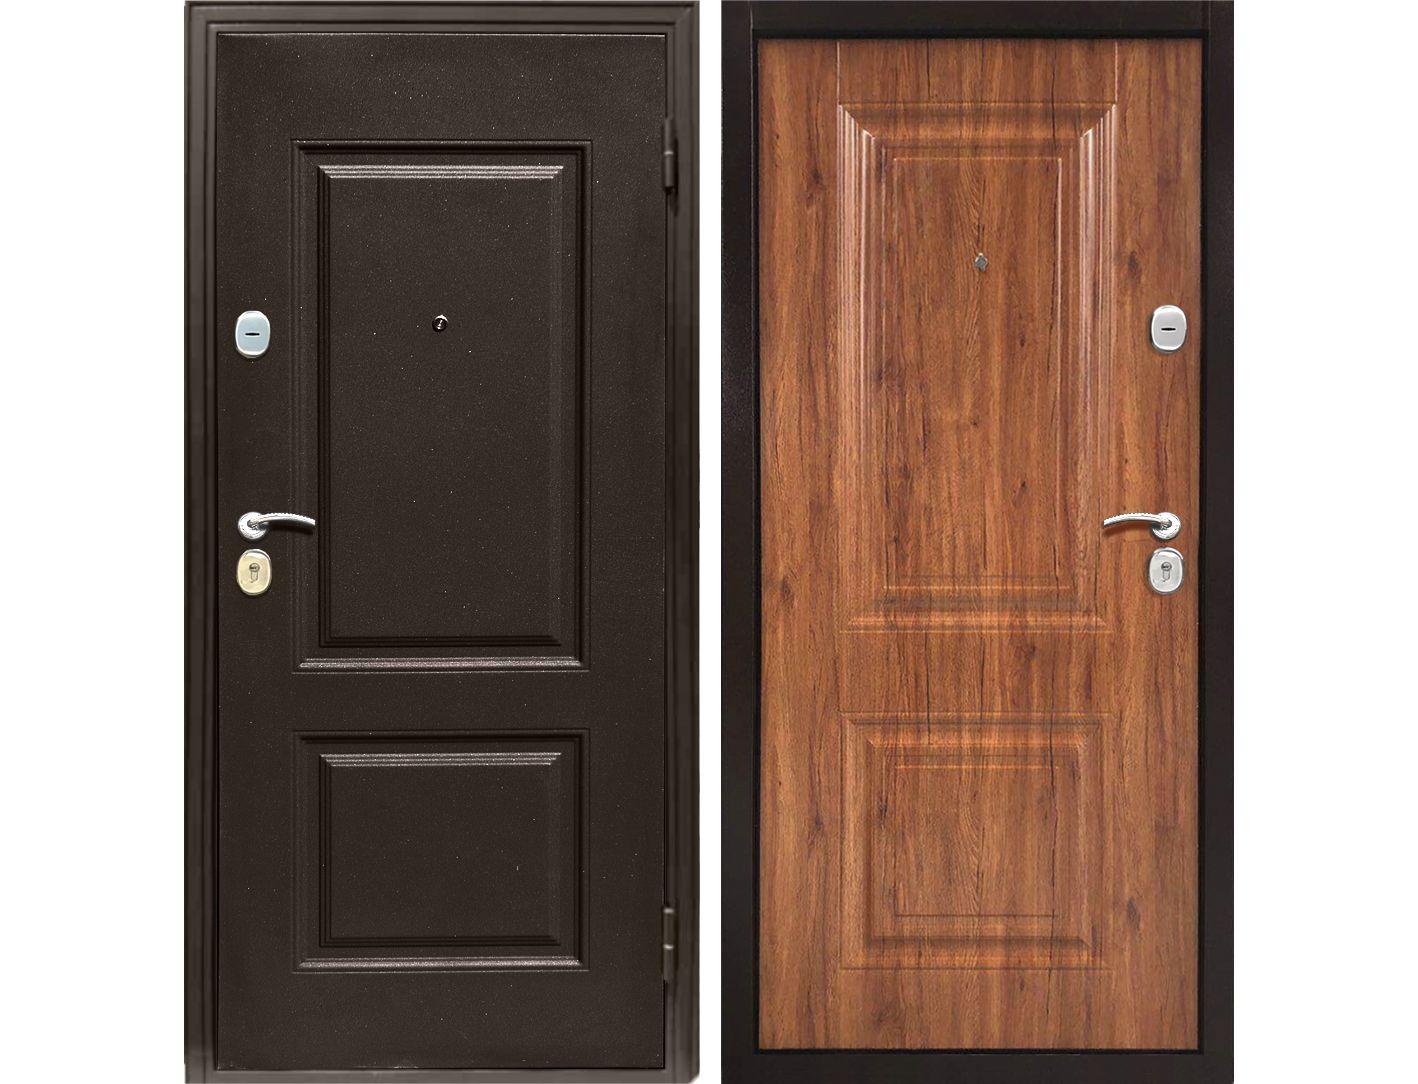 Купить со скидкой Дверь металлическая входная Классика античный орех 2050*960 R